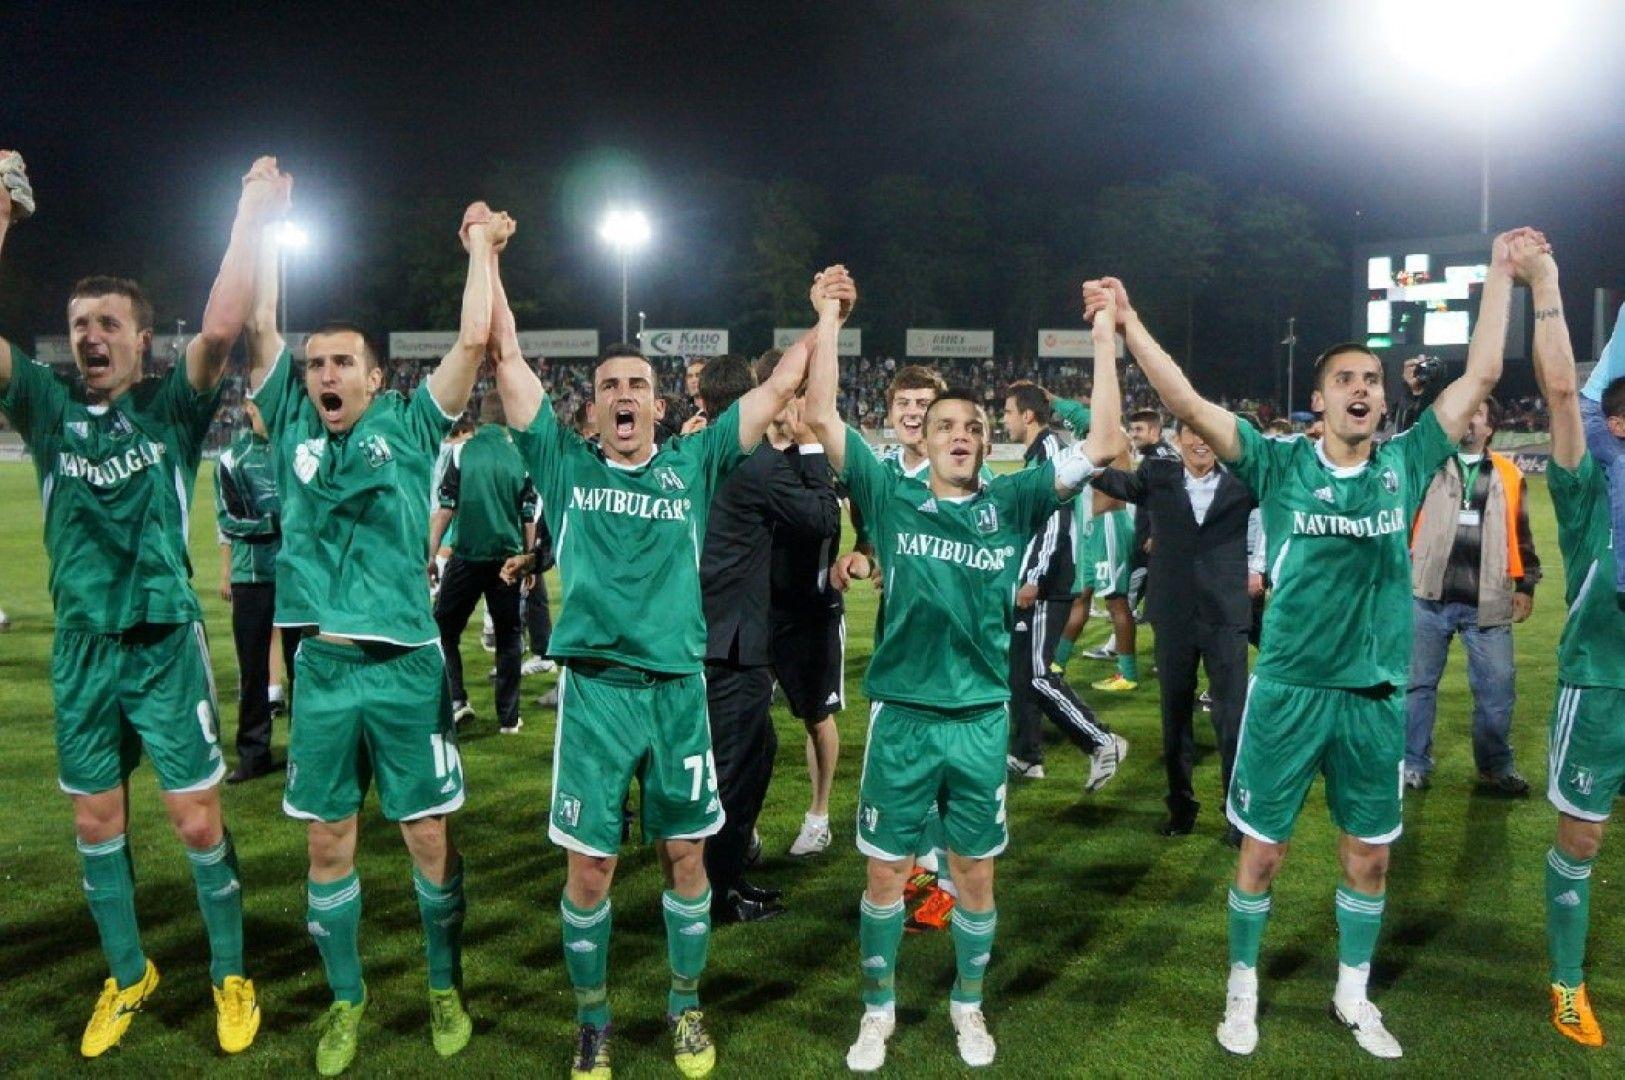 Лудогорец е шампион за първи път, и то като абсолютен дебютант в елита на родния футбол - 24 май 2012 г.